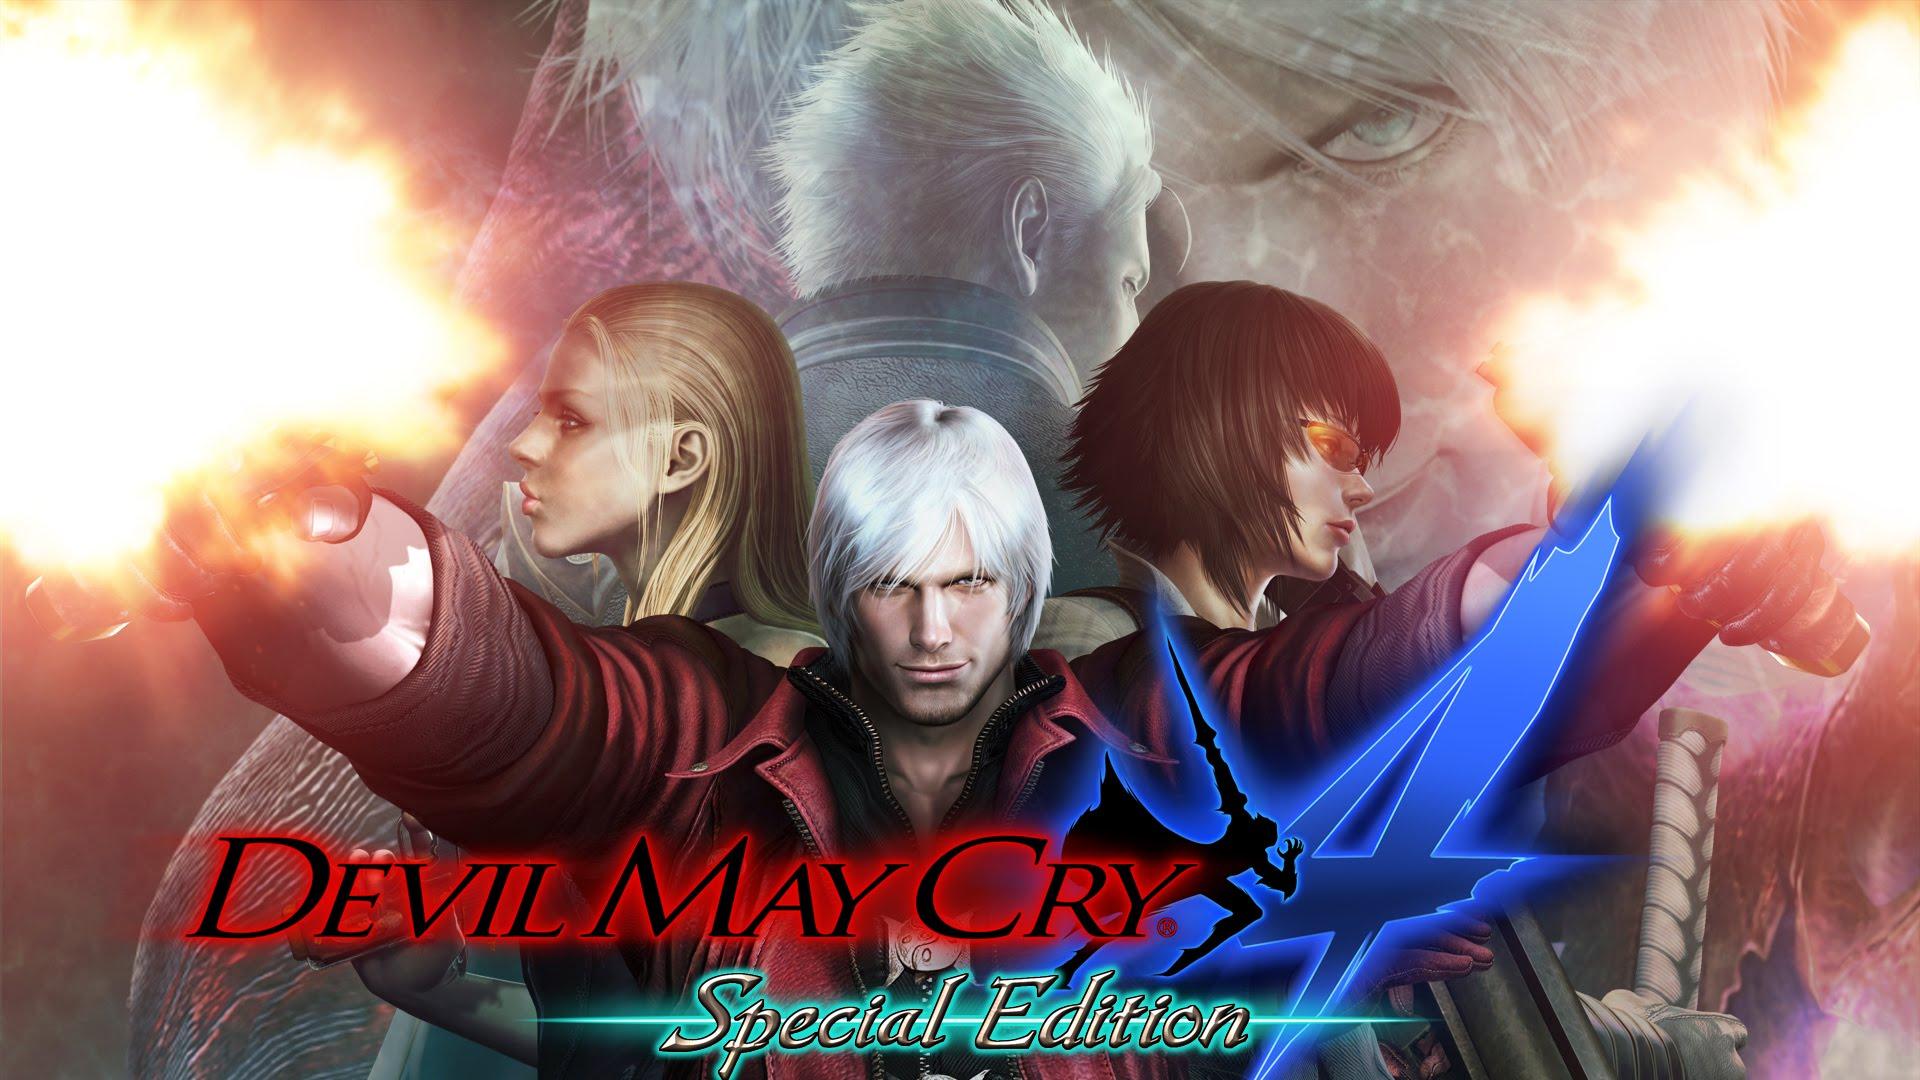 شاهد عرض إطلاق النسخة الخاصة للعبة Devil May Cry 4